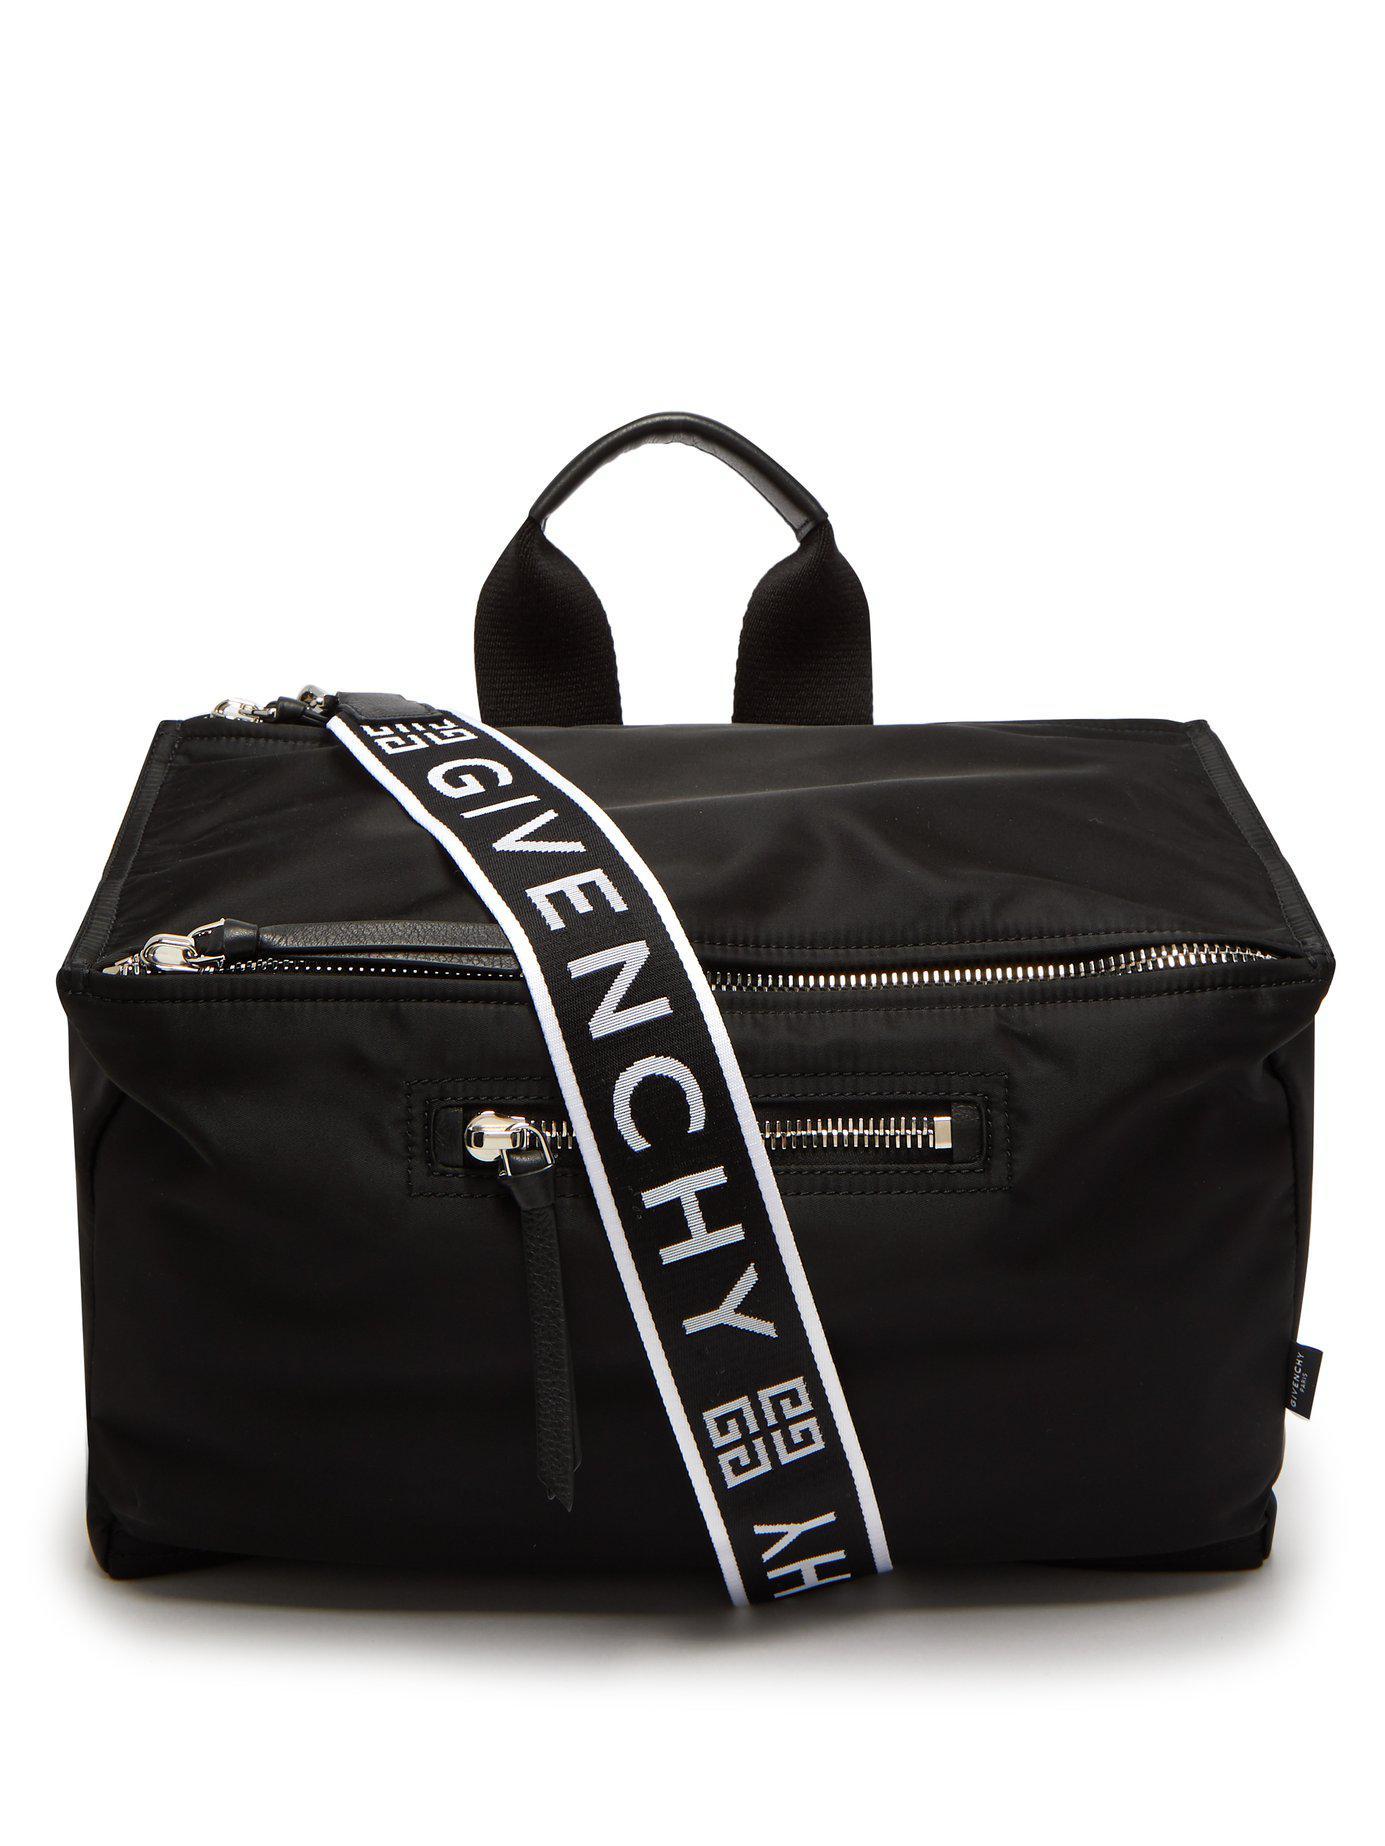 bbd547397f92 Lyst - Givenchy Logo Print Messenger Bag in Black for Men